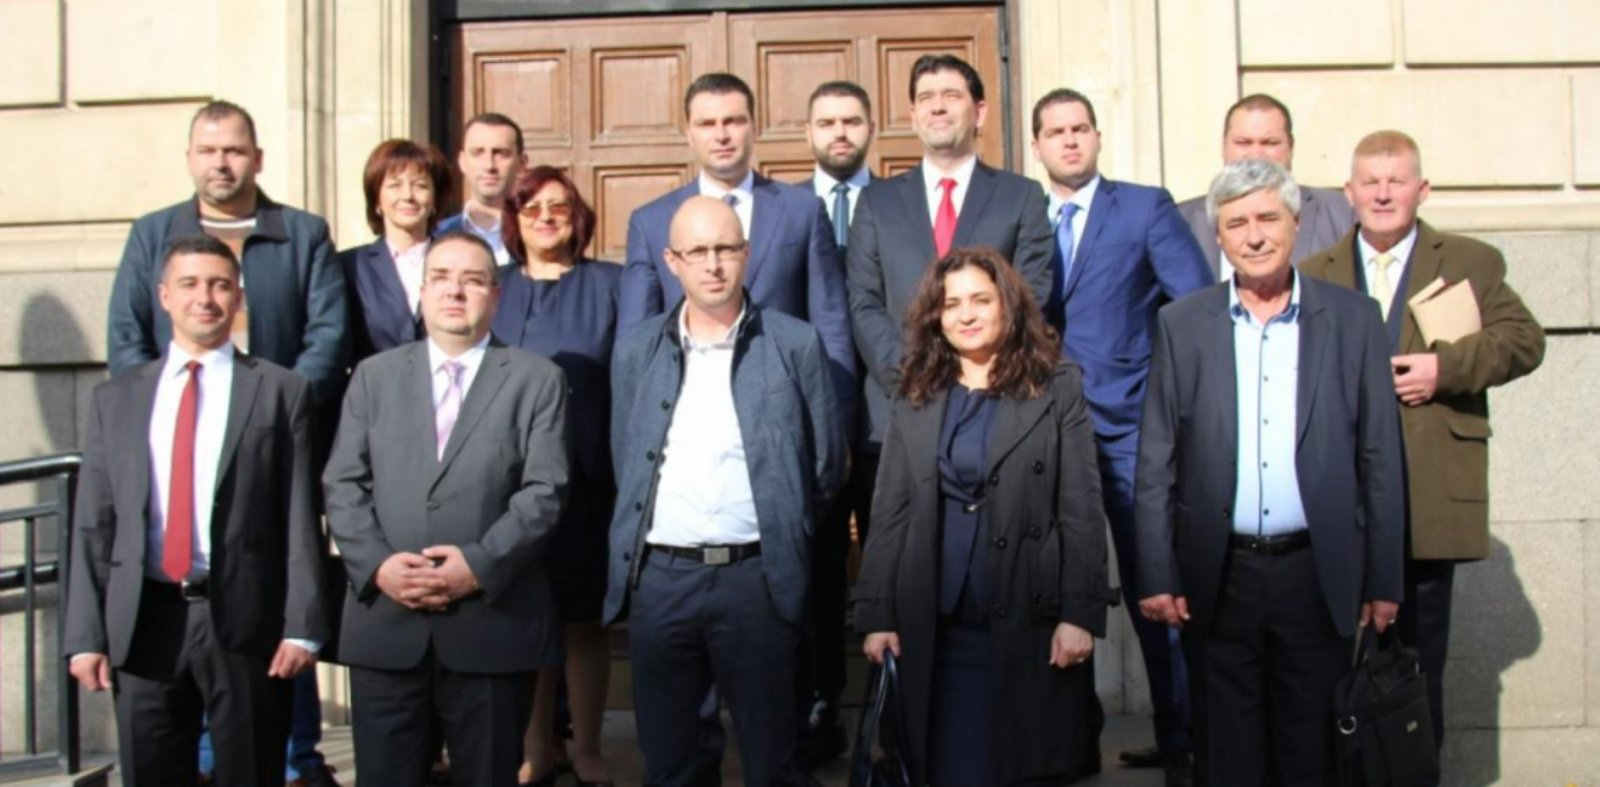 Калоян Паргов: Утрешният ден на София може да бъде по-добър, по-светъл и по-чист